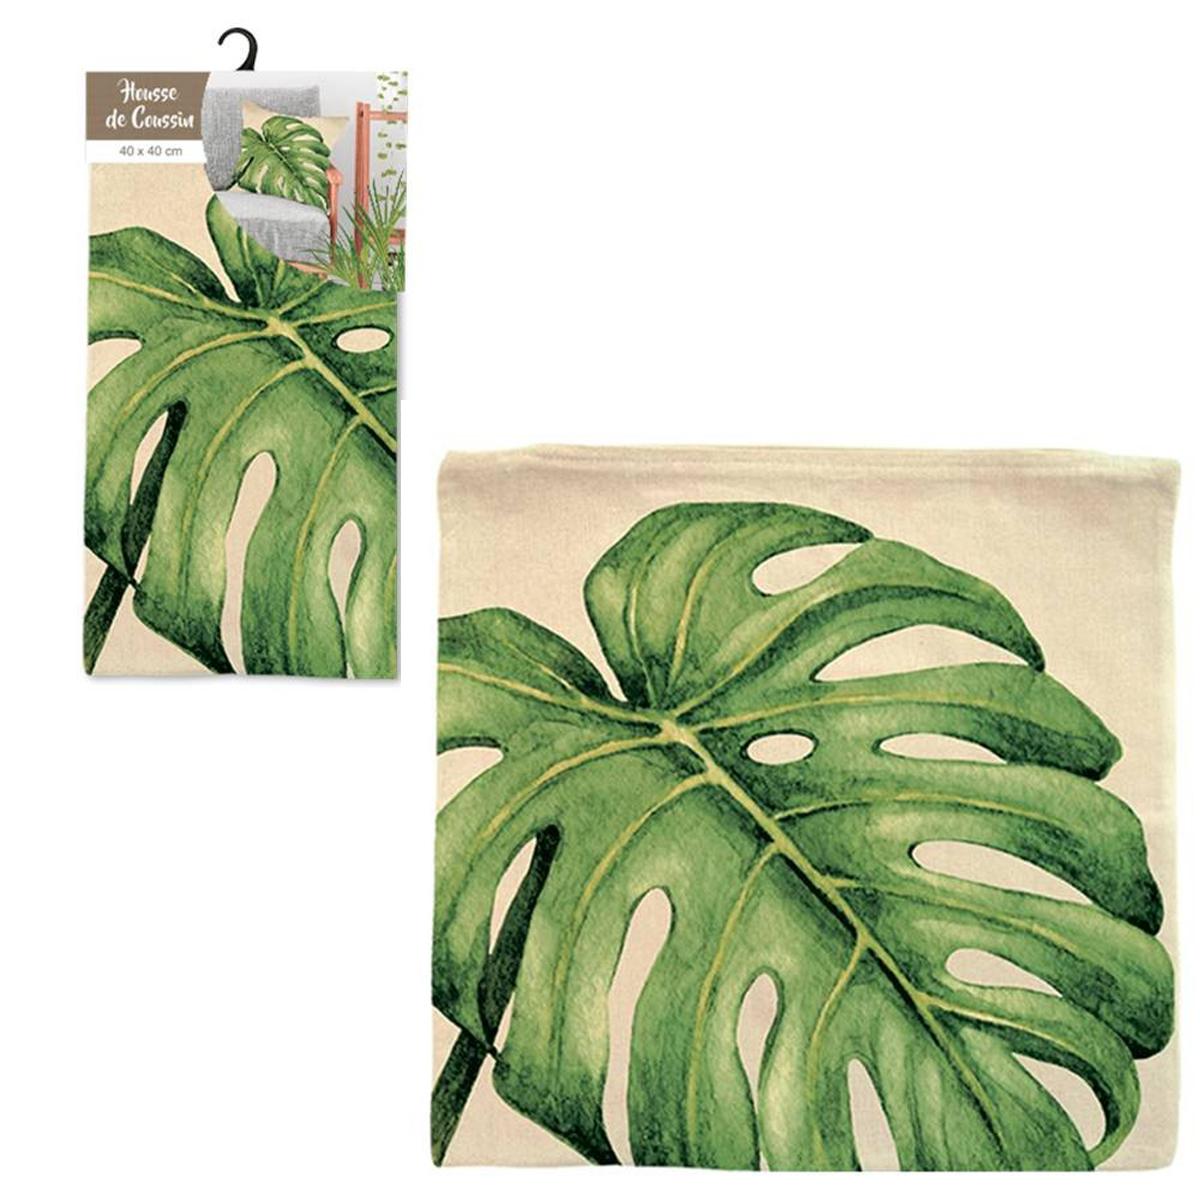 Housse de coussin coton \'Jungle\' beige vert (feuilles de monstera) - 40x40 cm - [Q2184]